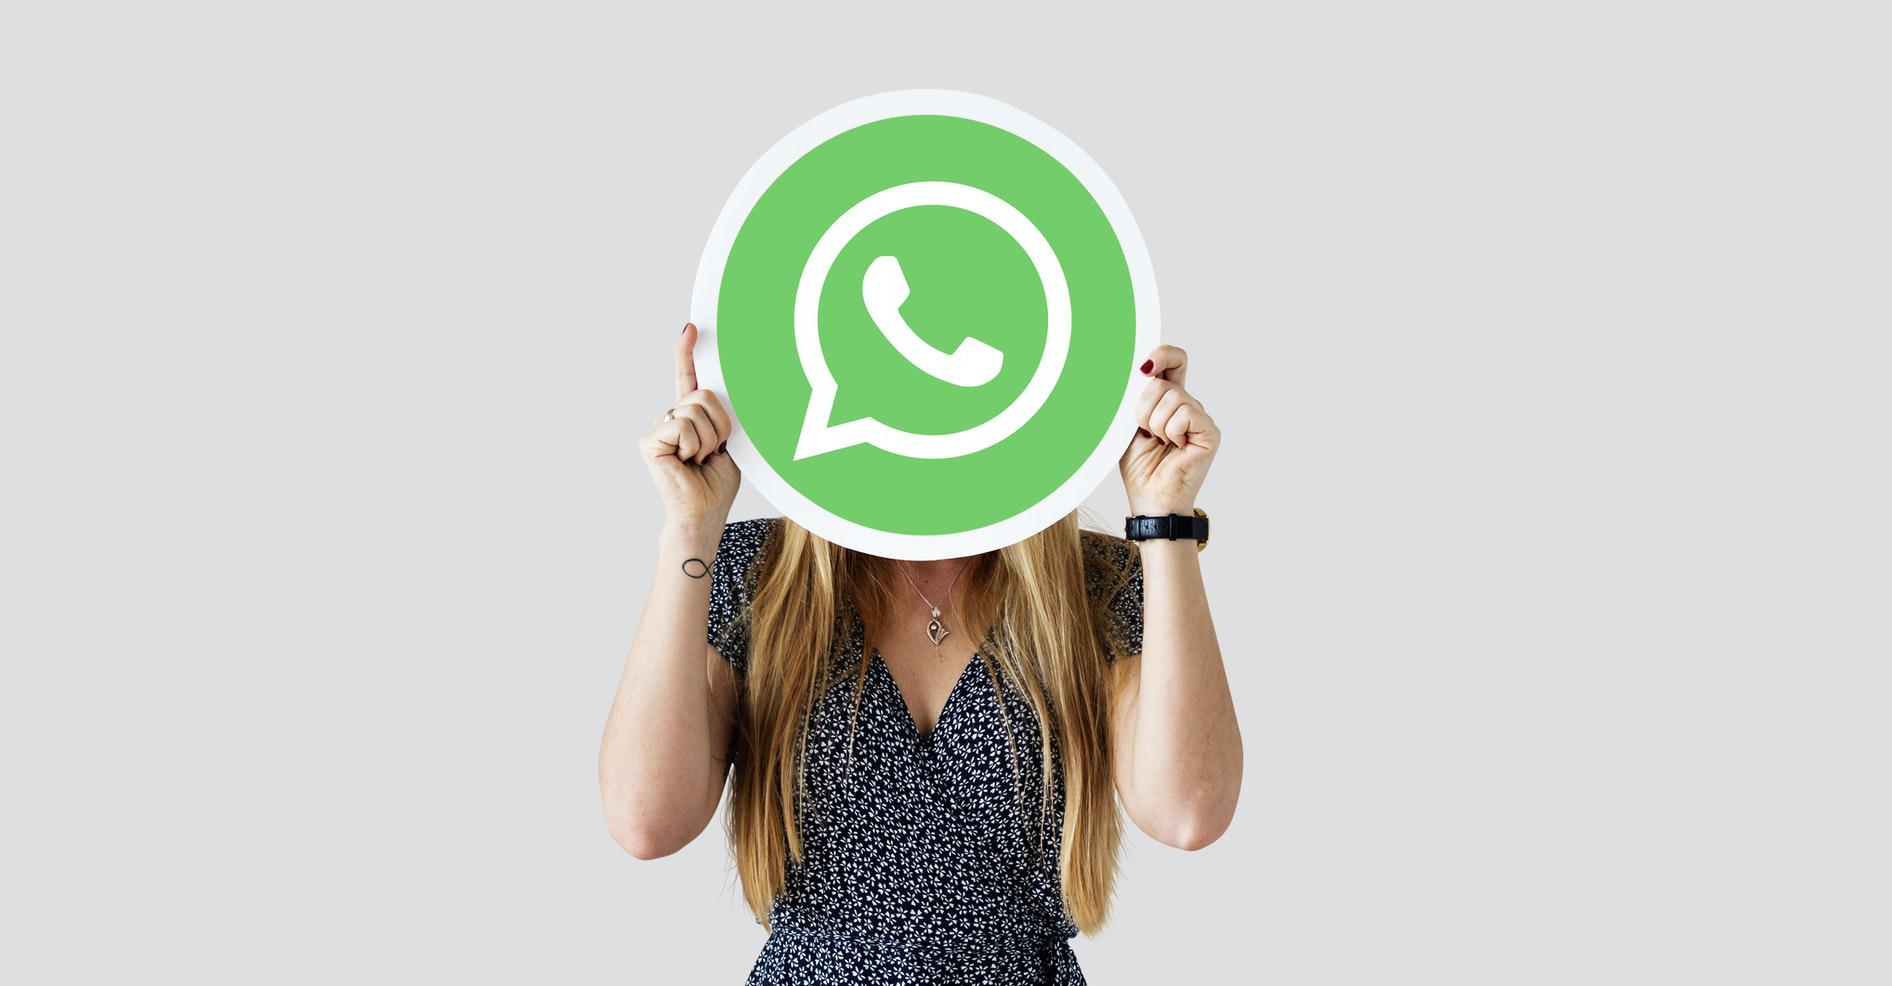 Lucrando na internet: Como vender pelo WhatsApp